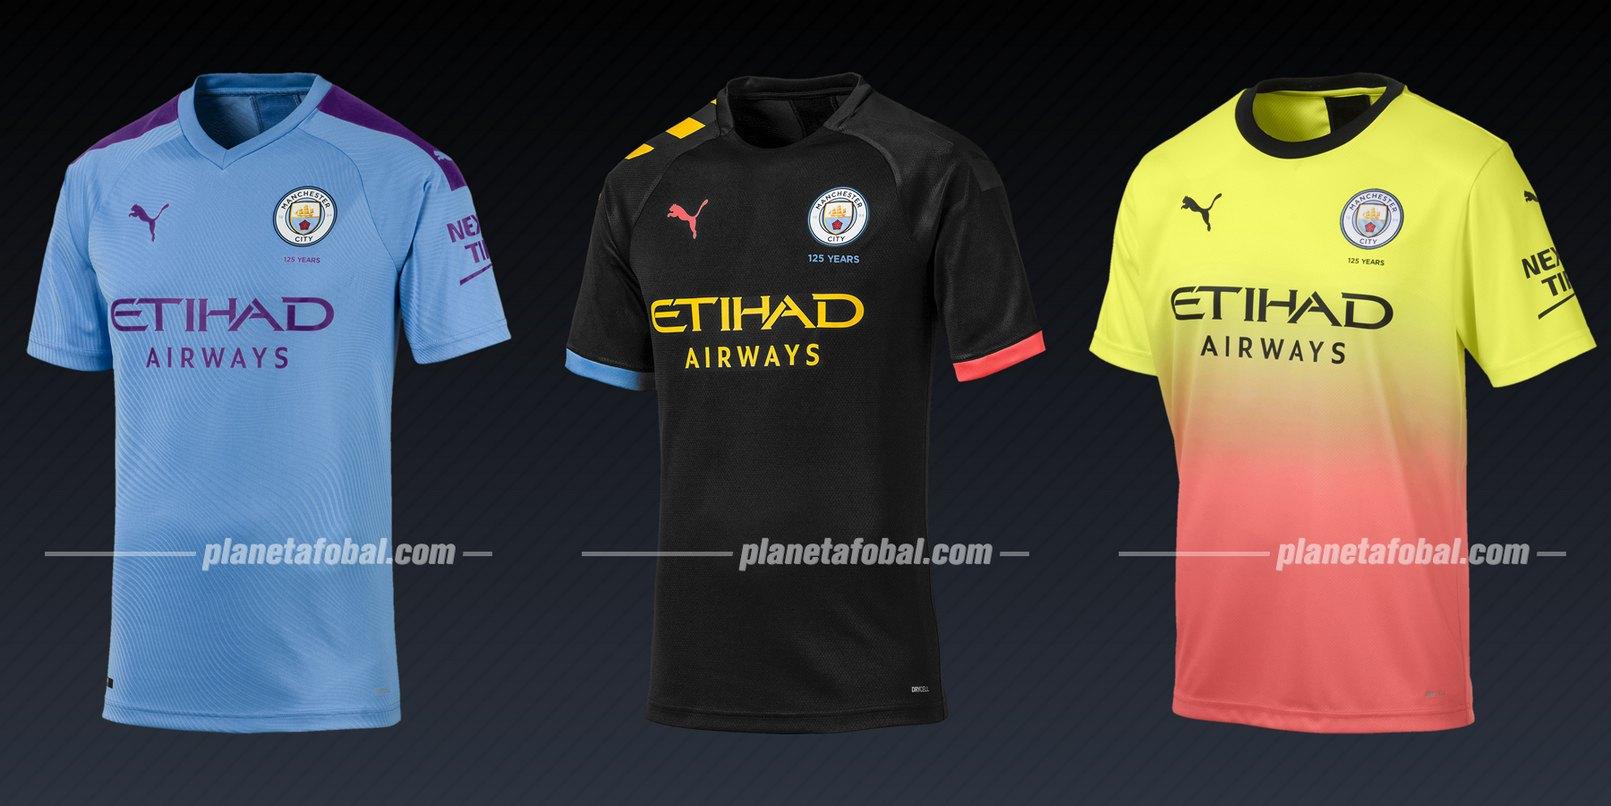 Manchester City (Puma) | Camisetas de la Liga de Campeones 2019/20